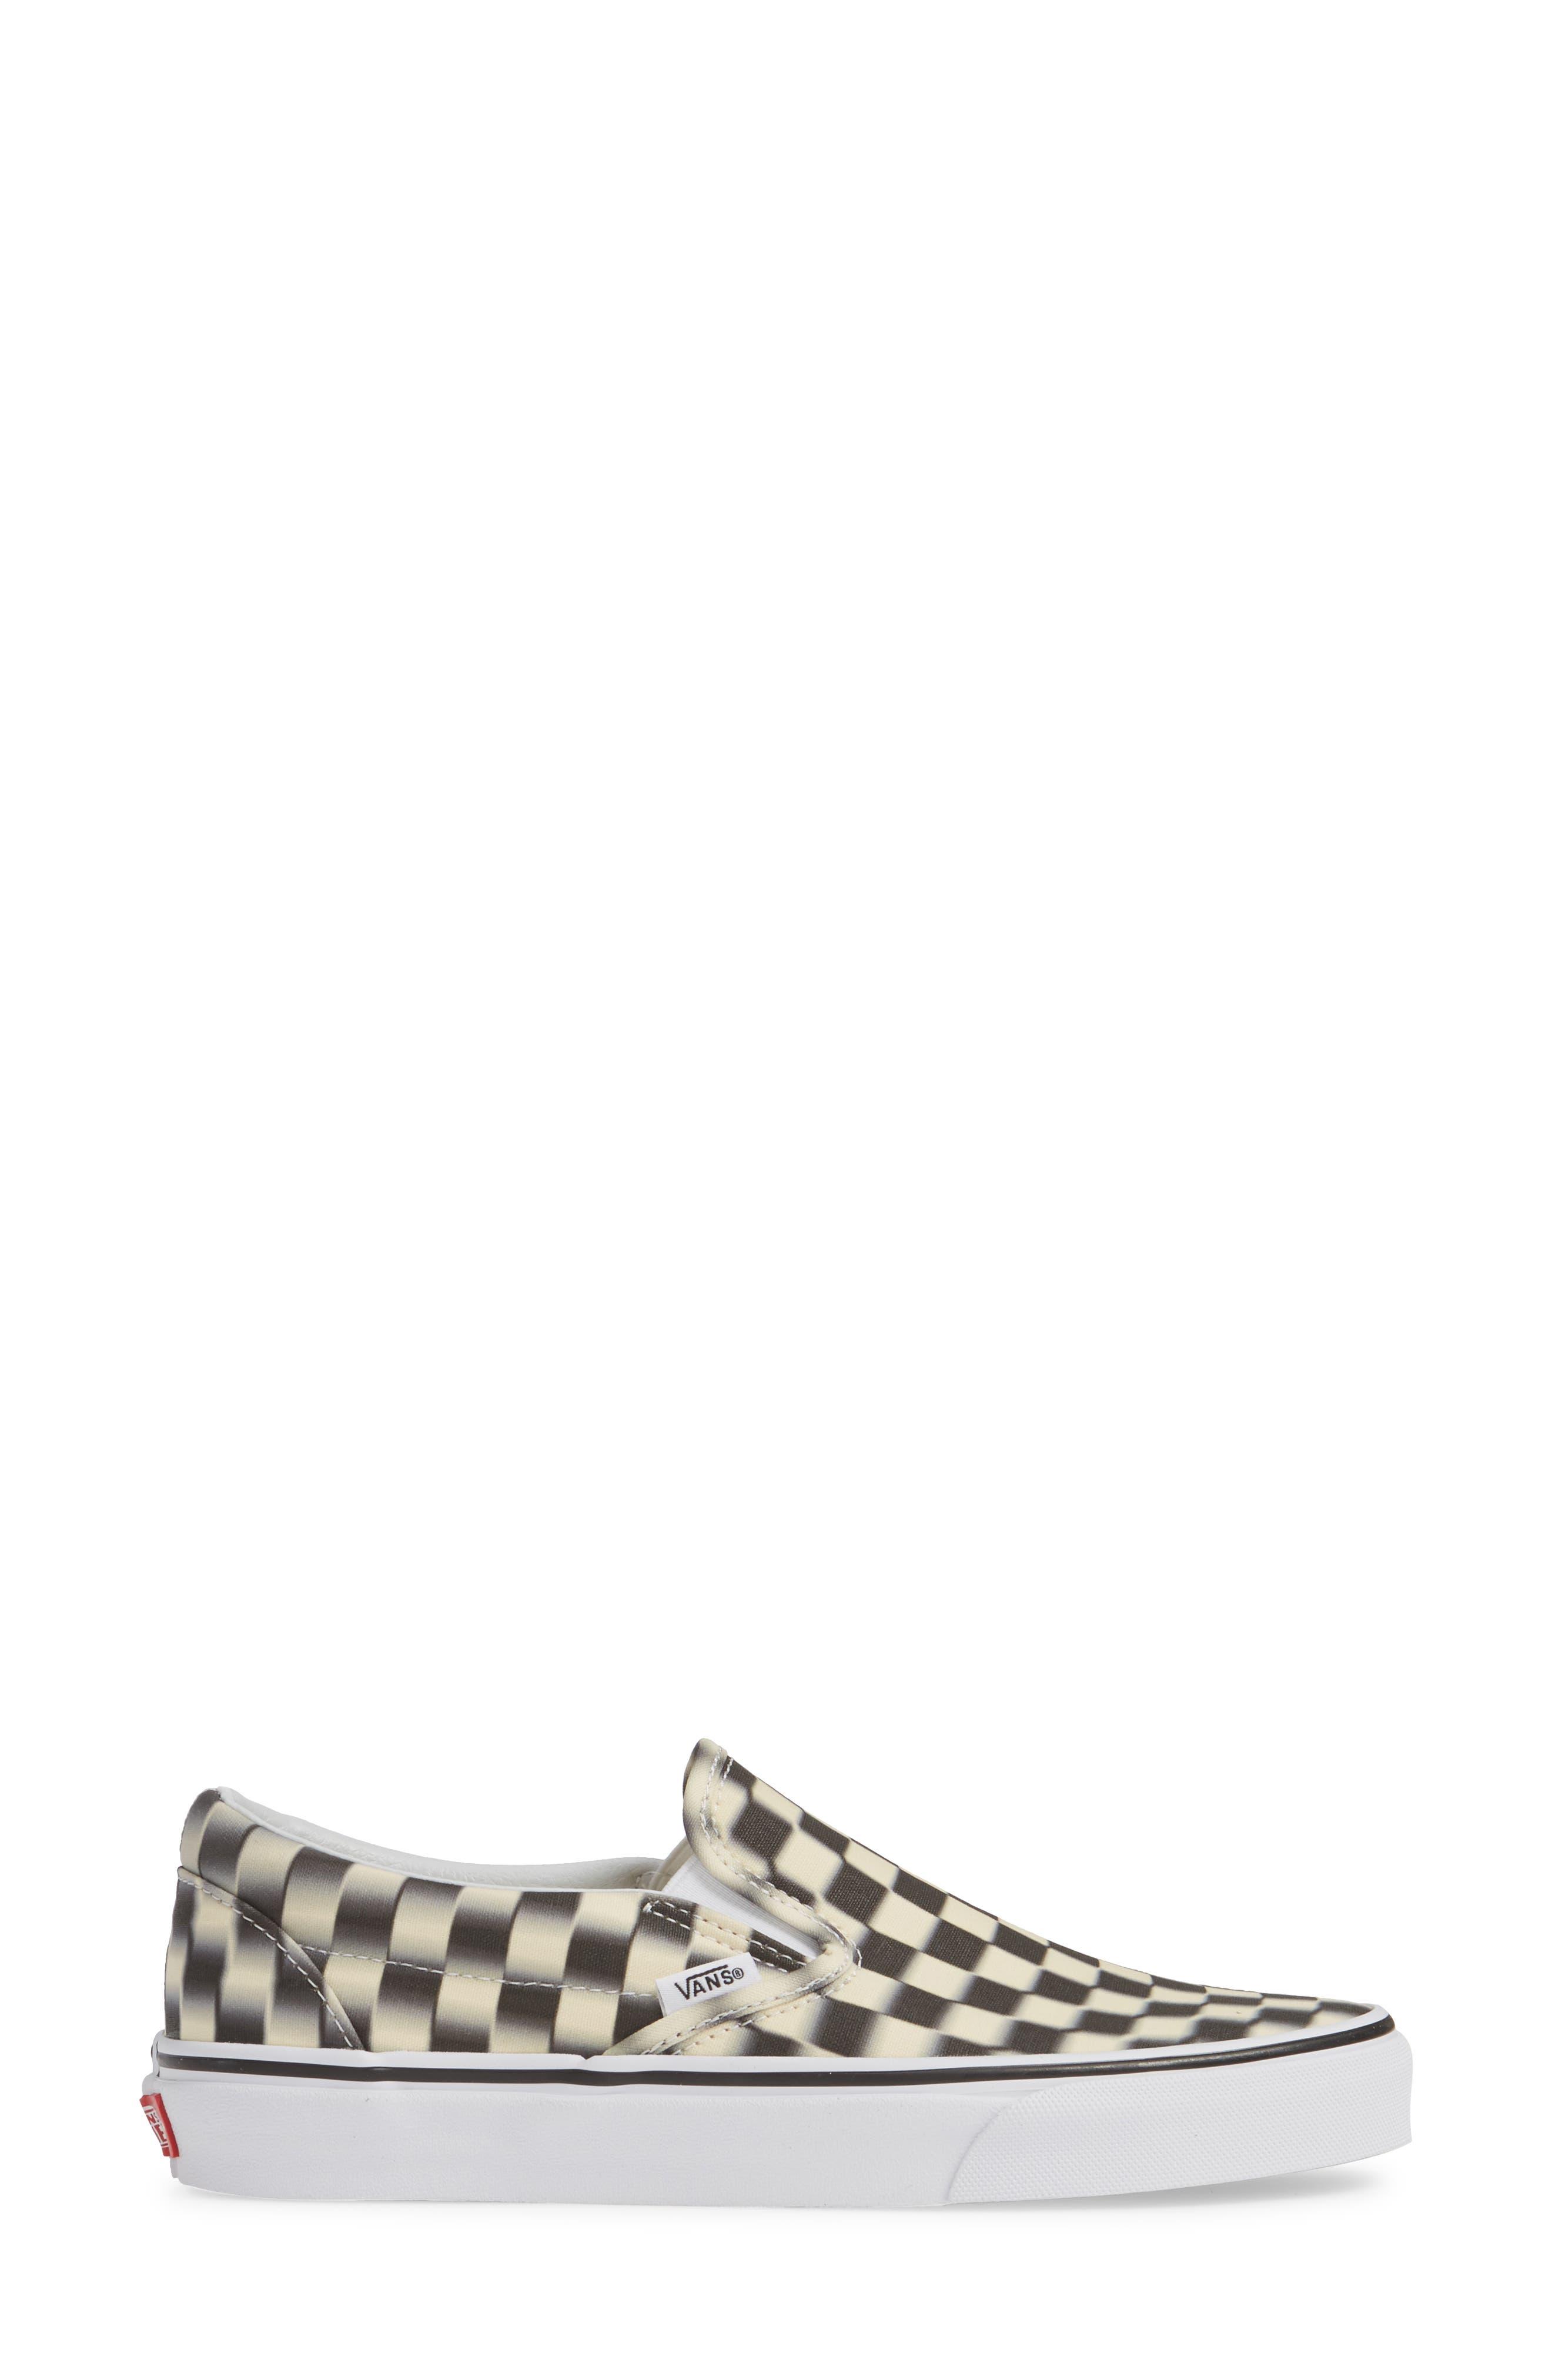 VANS, Classic Slip-On Sneaker, Alternate thumbnail 3, color, 011